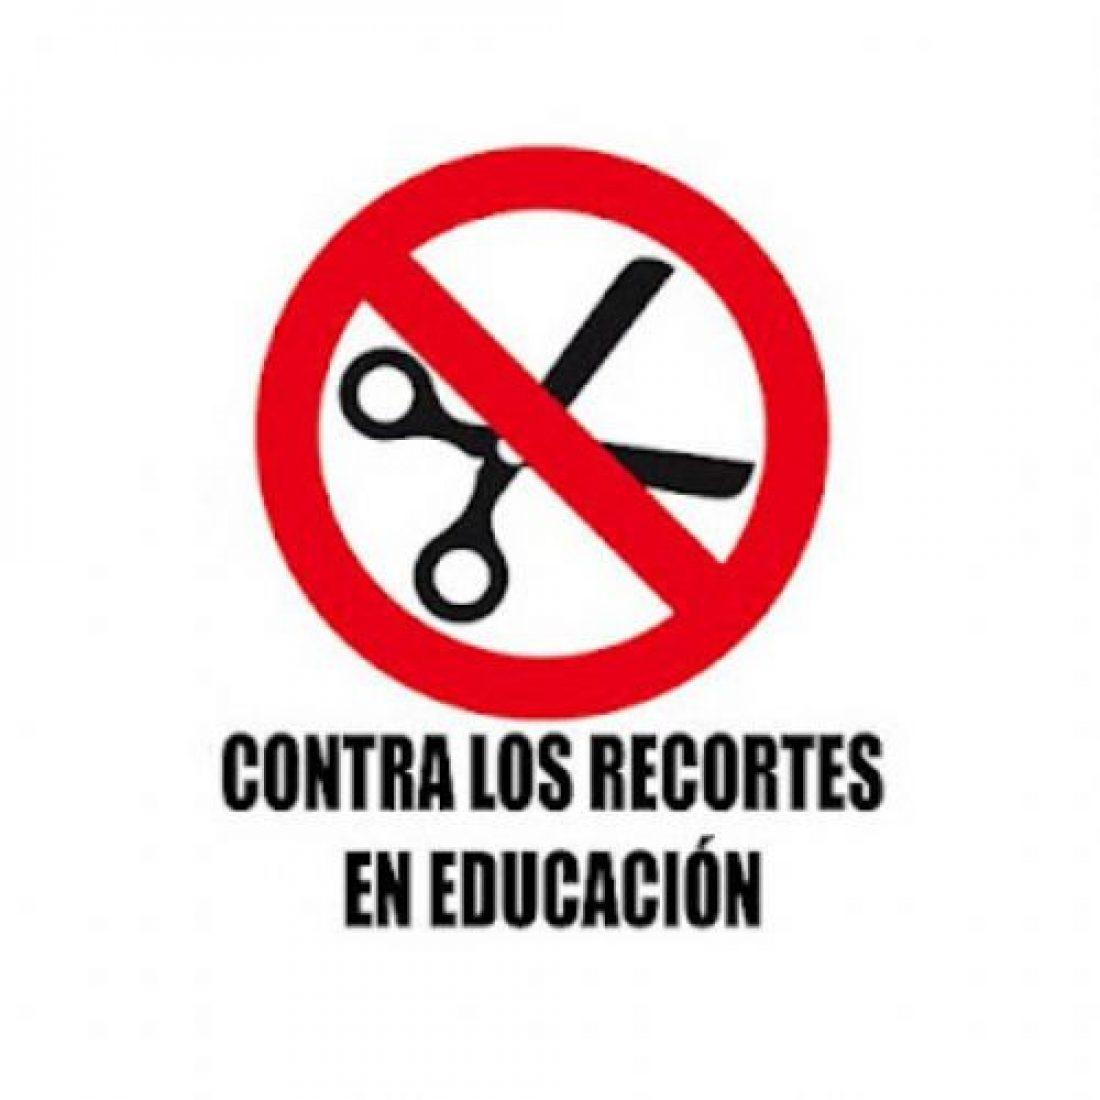 CGT denuncia la falta de previsión de la Consejería de Educación ante las bolsas de personal interino vacías en varias especialidades